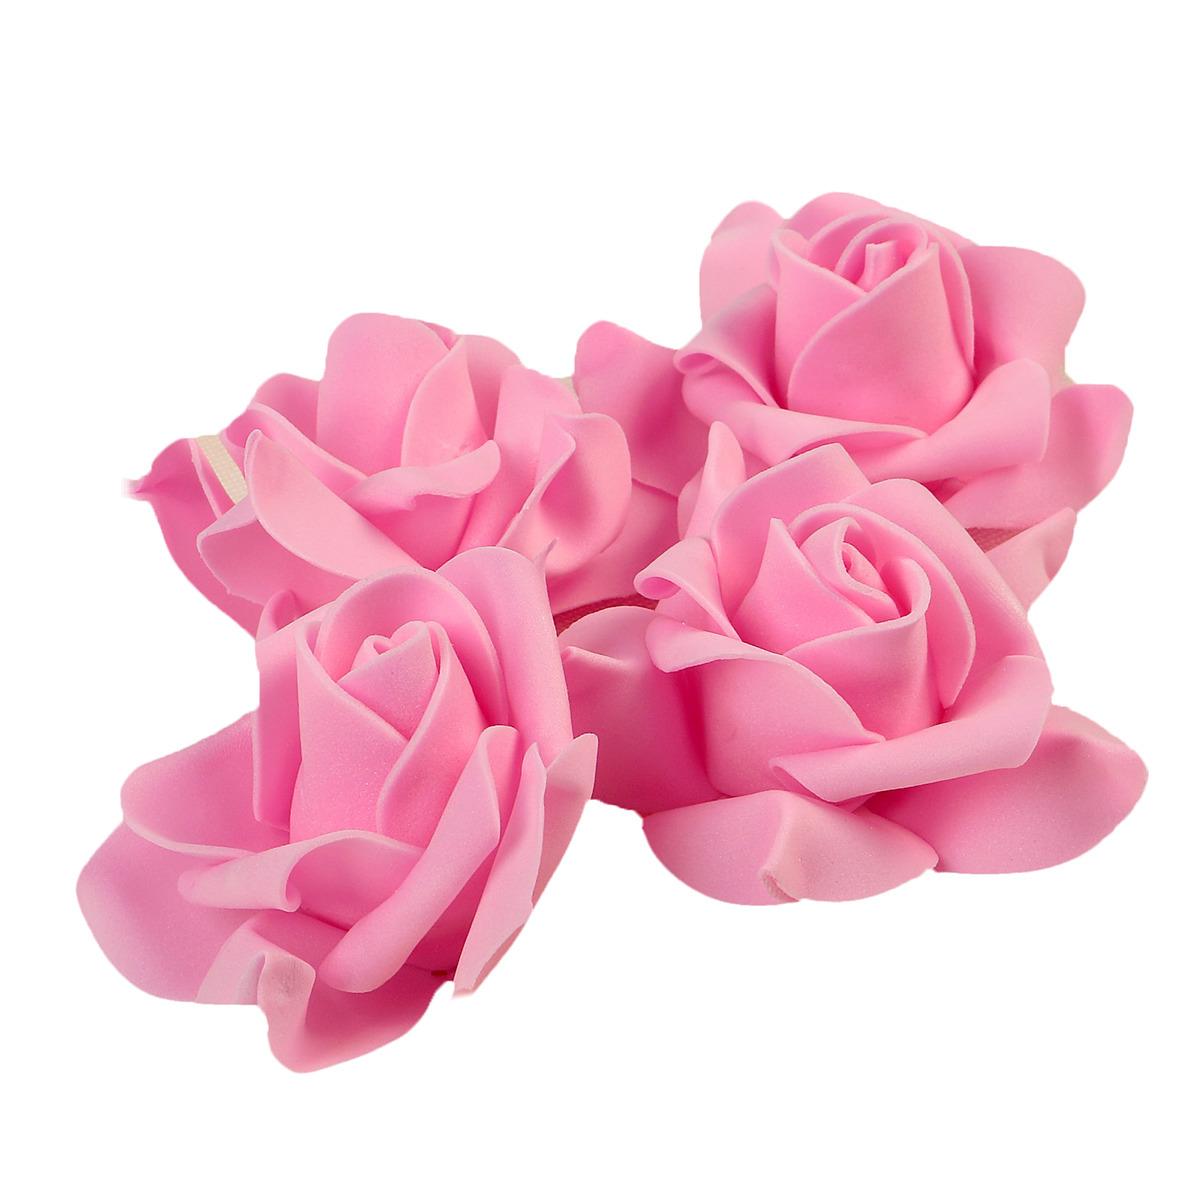 цена Набор цветов для декора, 2976286, розовый, 4 шт онлайн в 2017 году